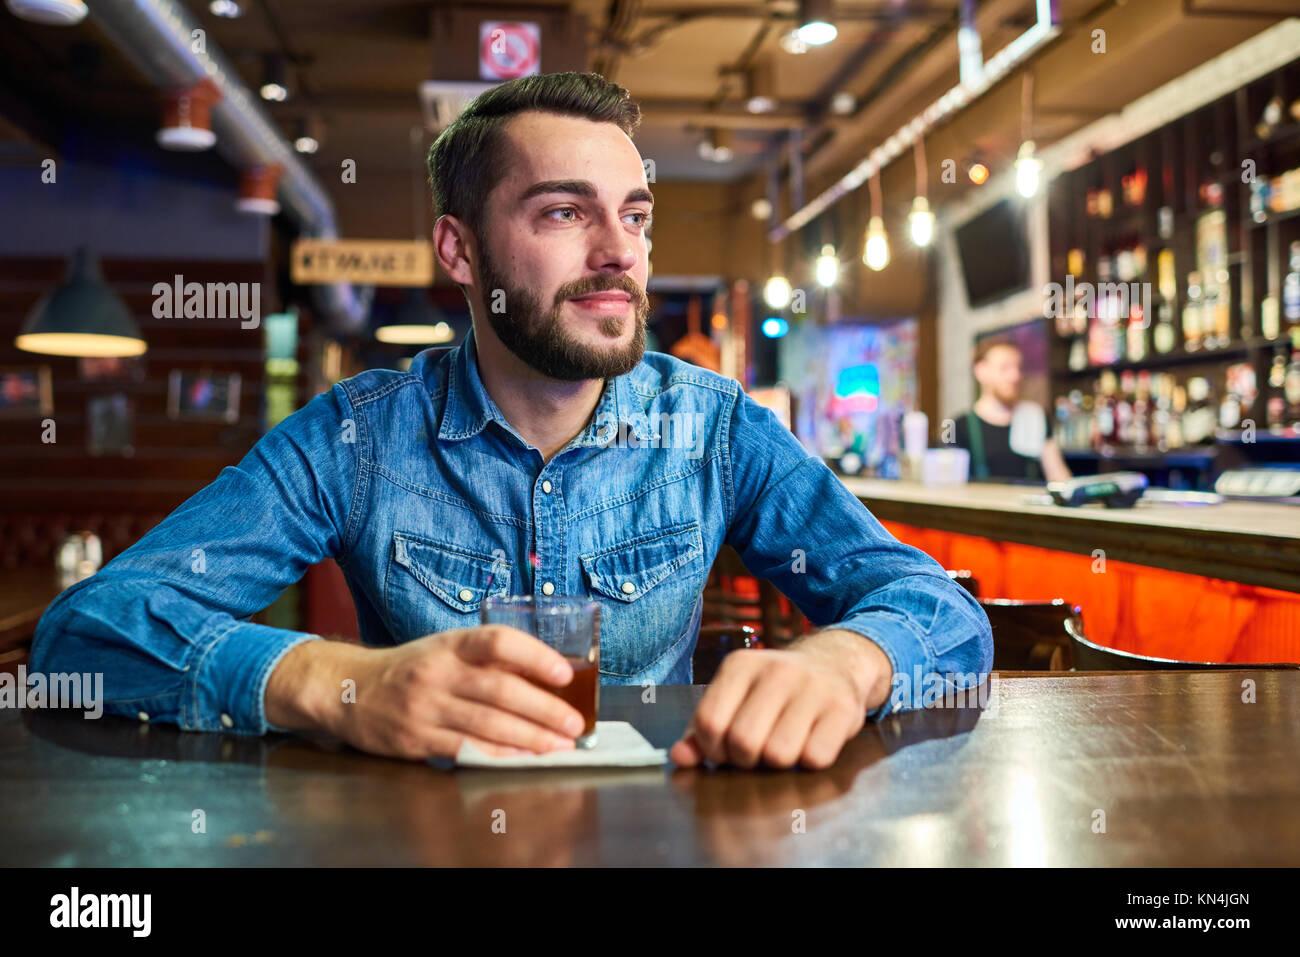 Felice l'uomo ubriaco in bar Immagini Stock